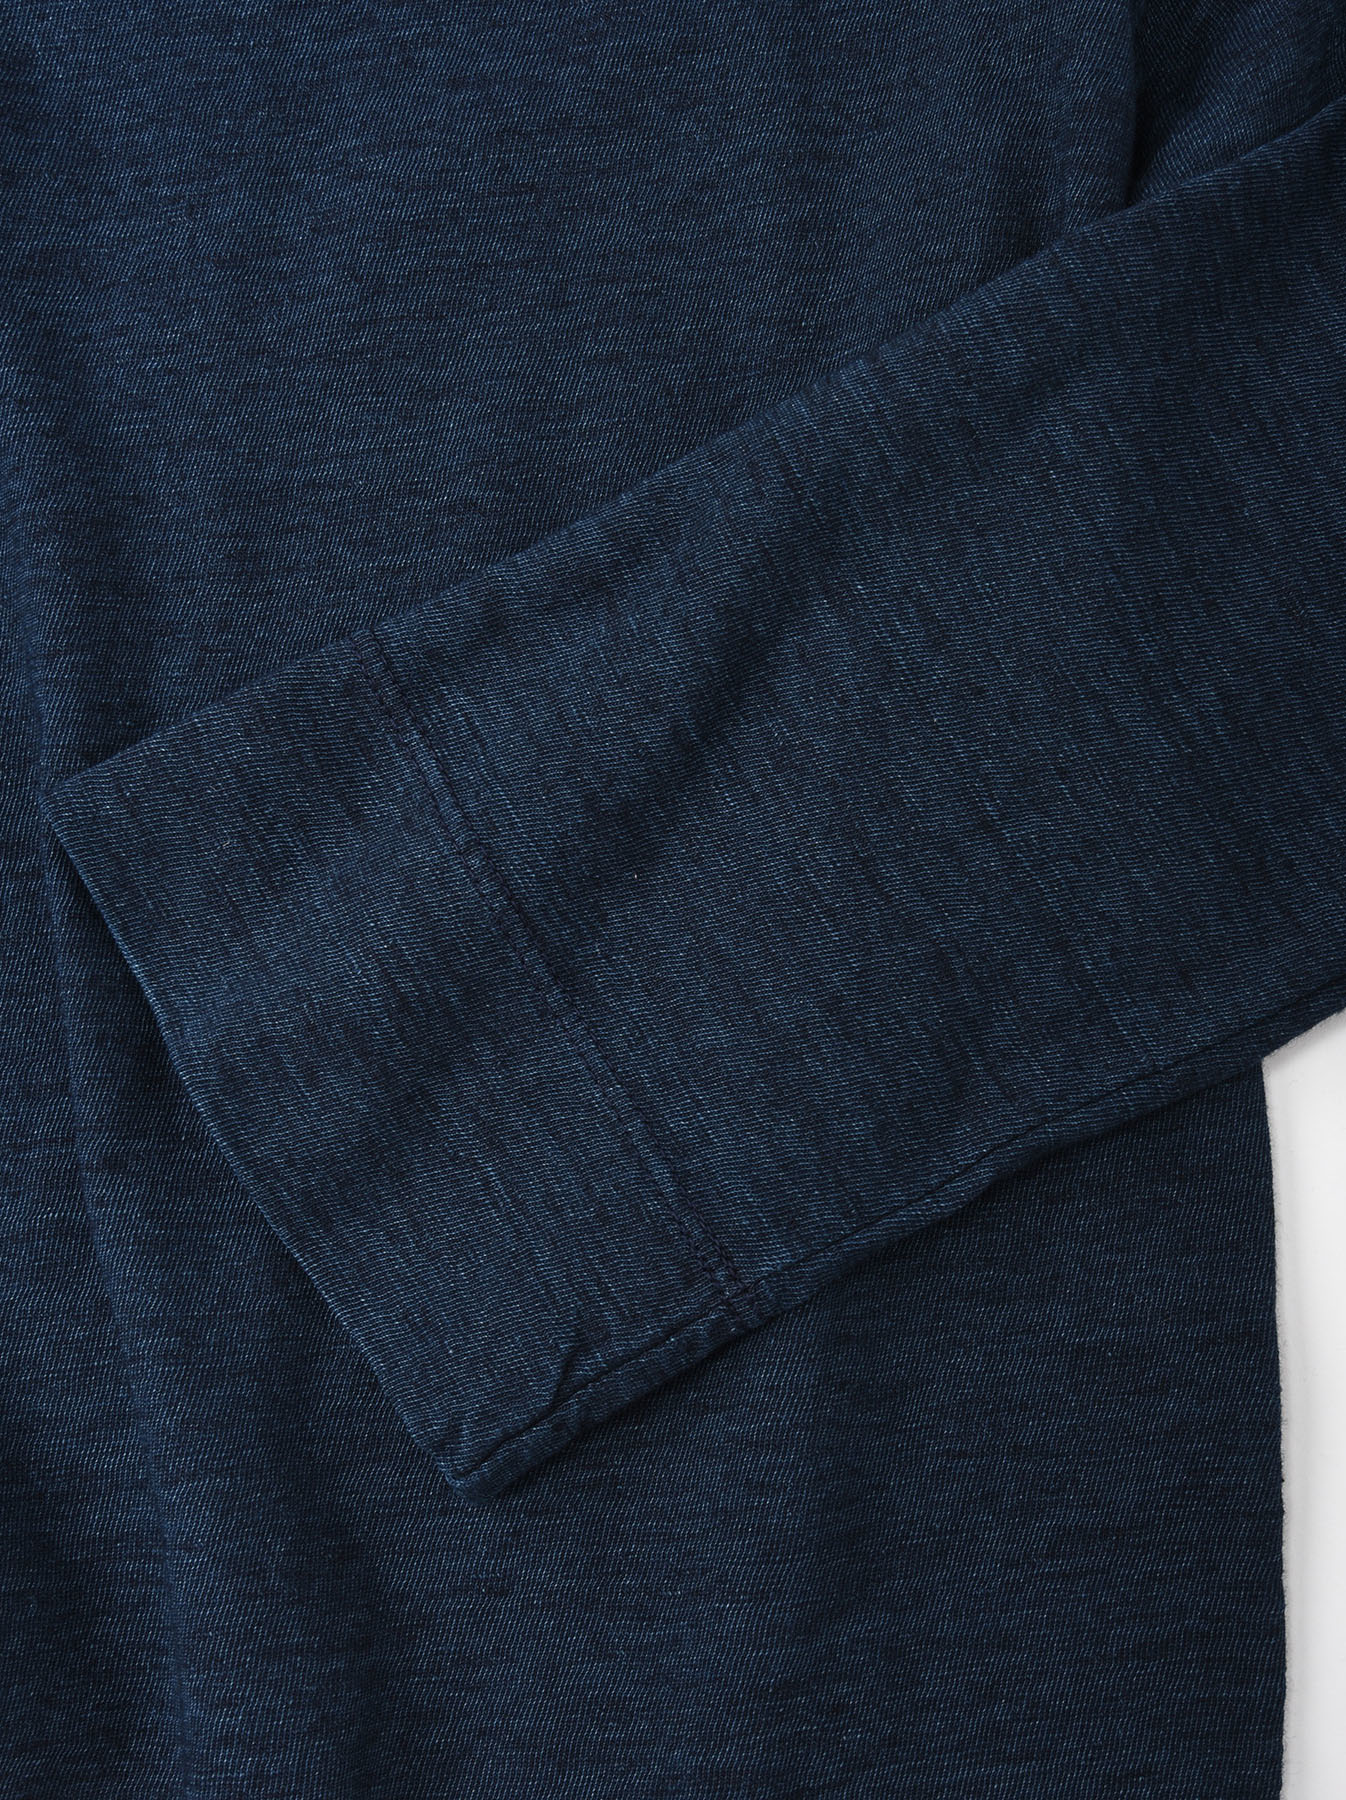 Indigo Zimbabwe Cotton Square T-shirt-7